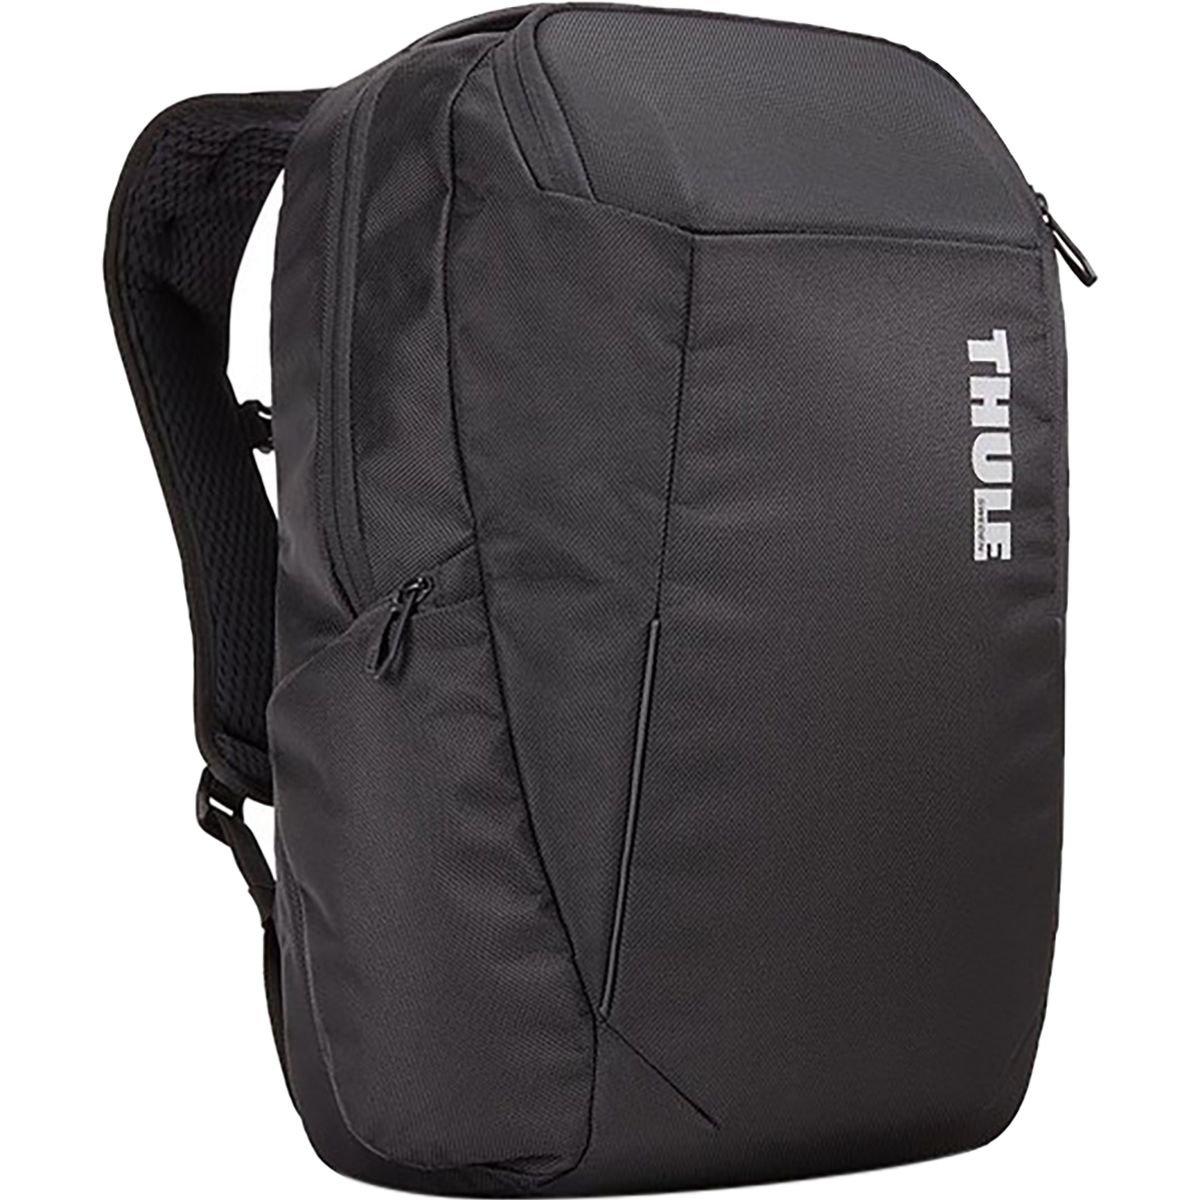 [スリー] メンズ バックパックリュックサック Accent 23L Backpack [並行輸入品] No-Size  B07FNB92T6